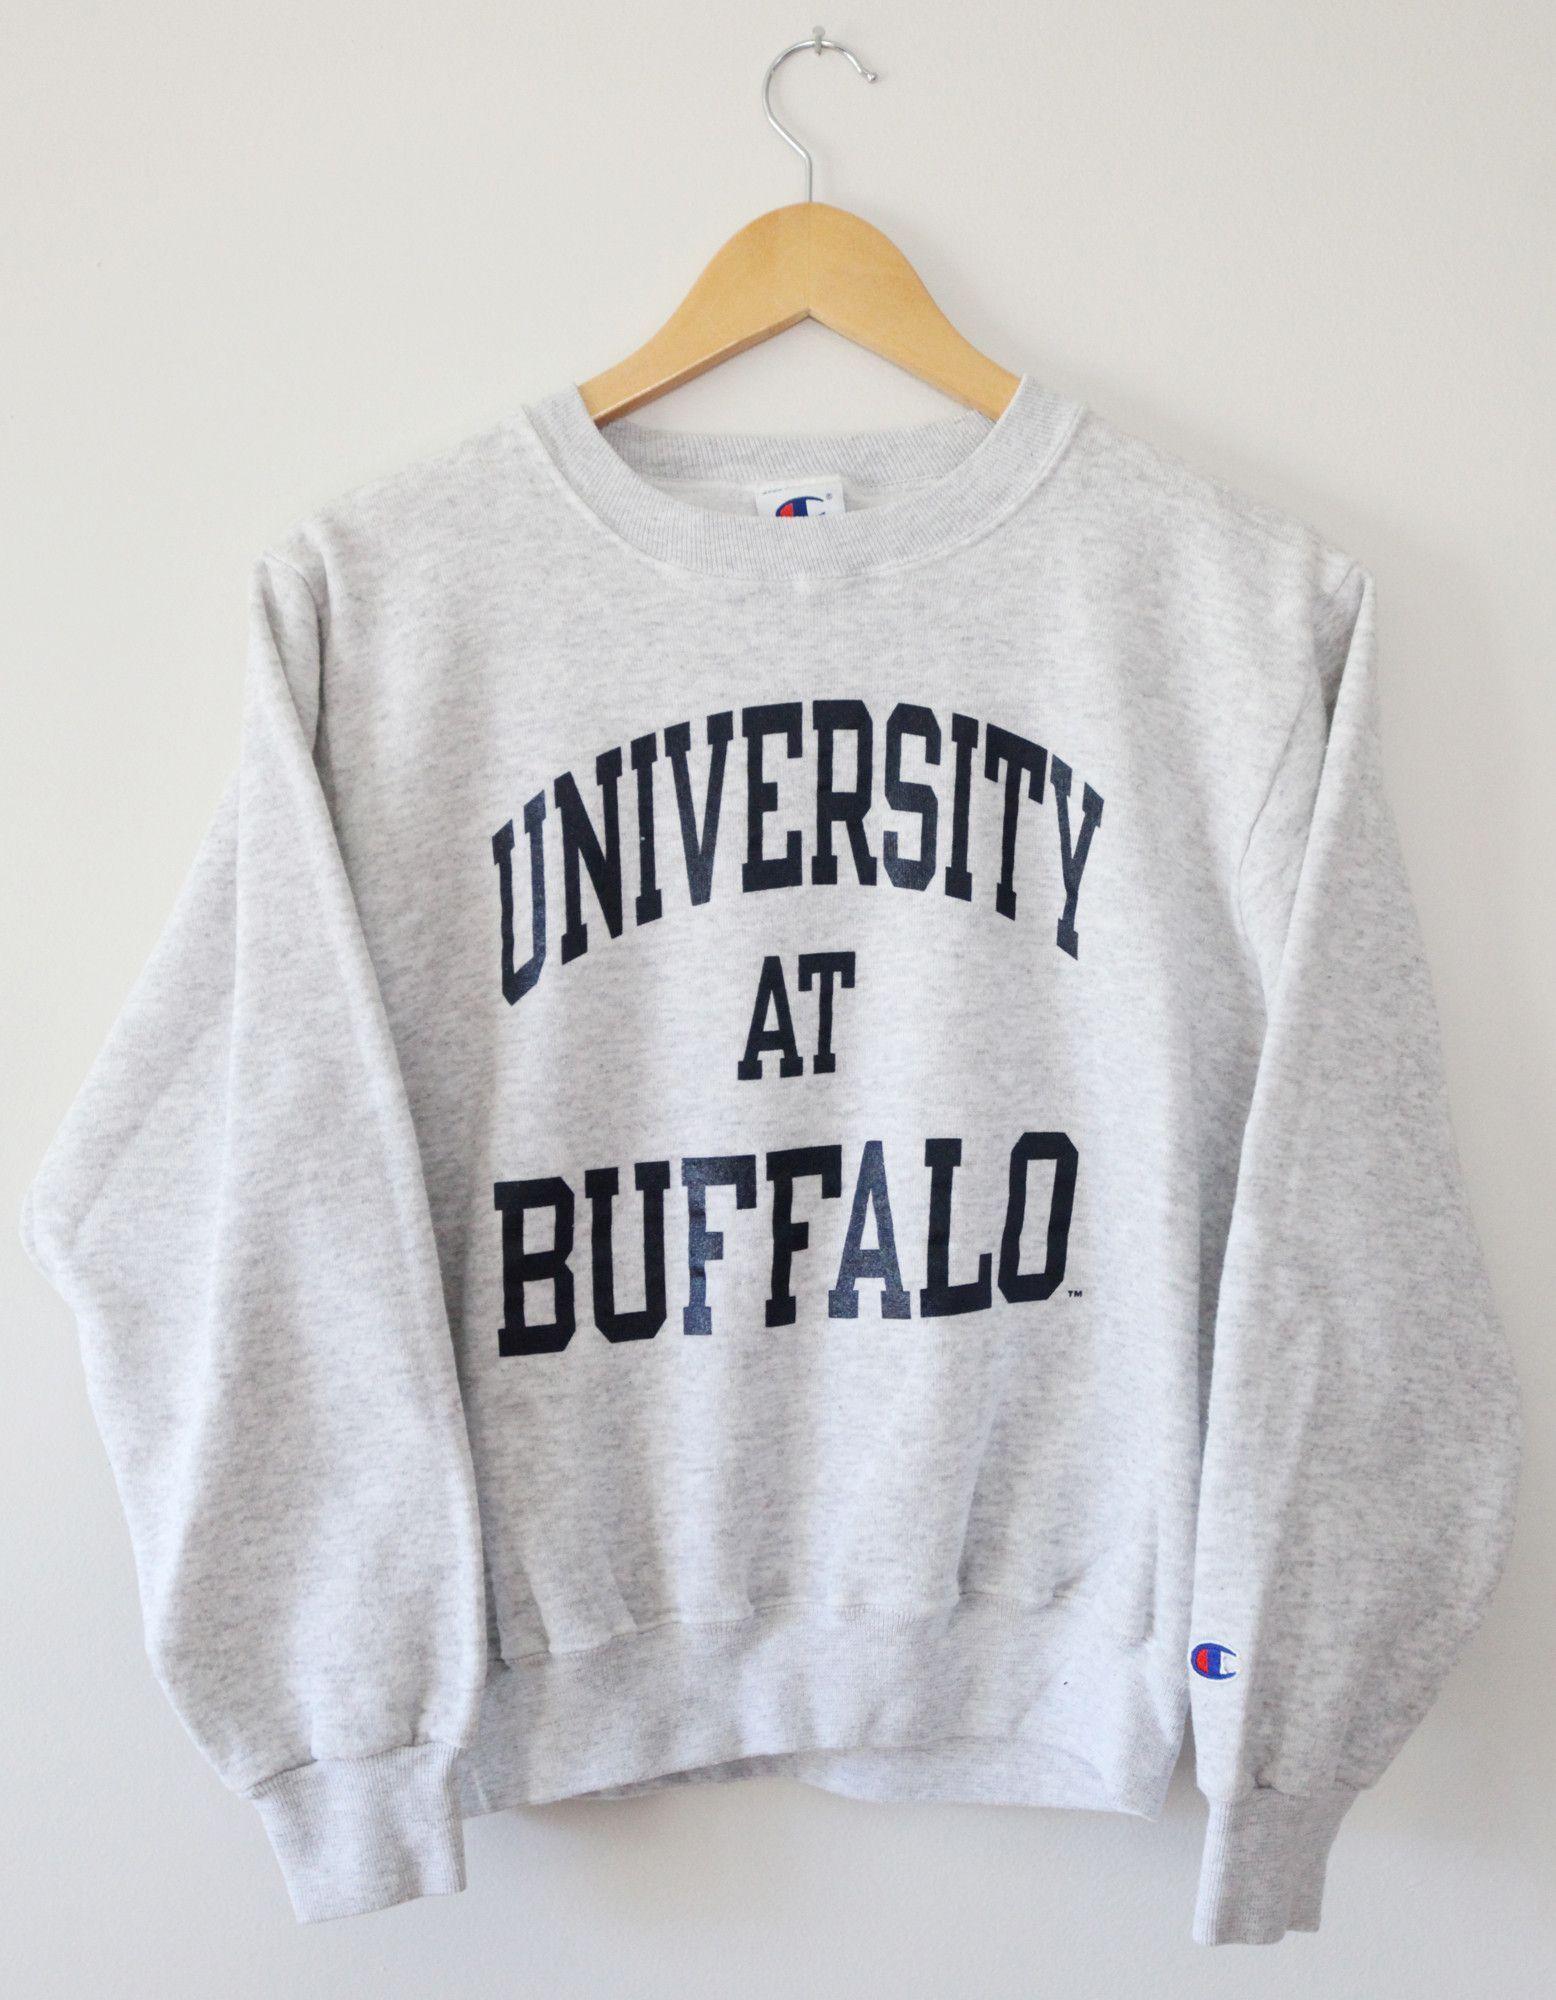 Sonny Buffalo Sweatshirts Vintage College Sweatshirts Sweatshirt Designs [ 2000 x 1556 Pixel ]